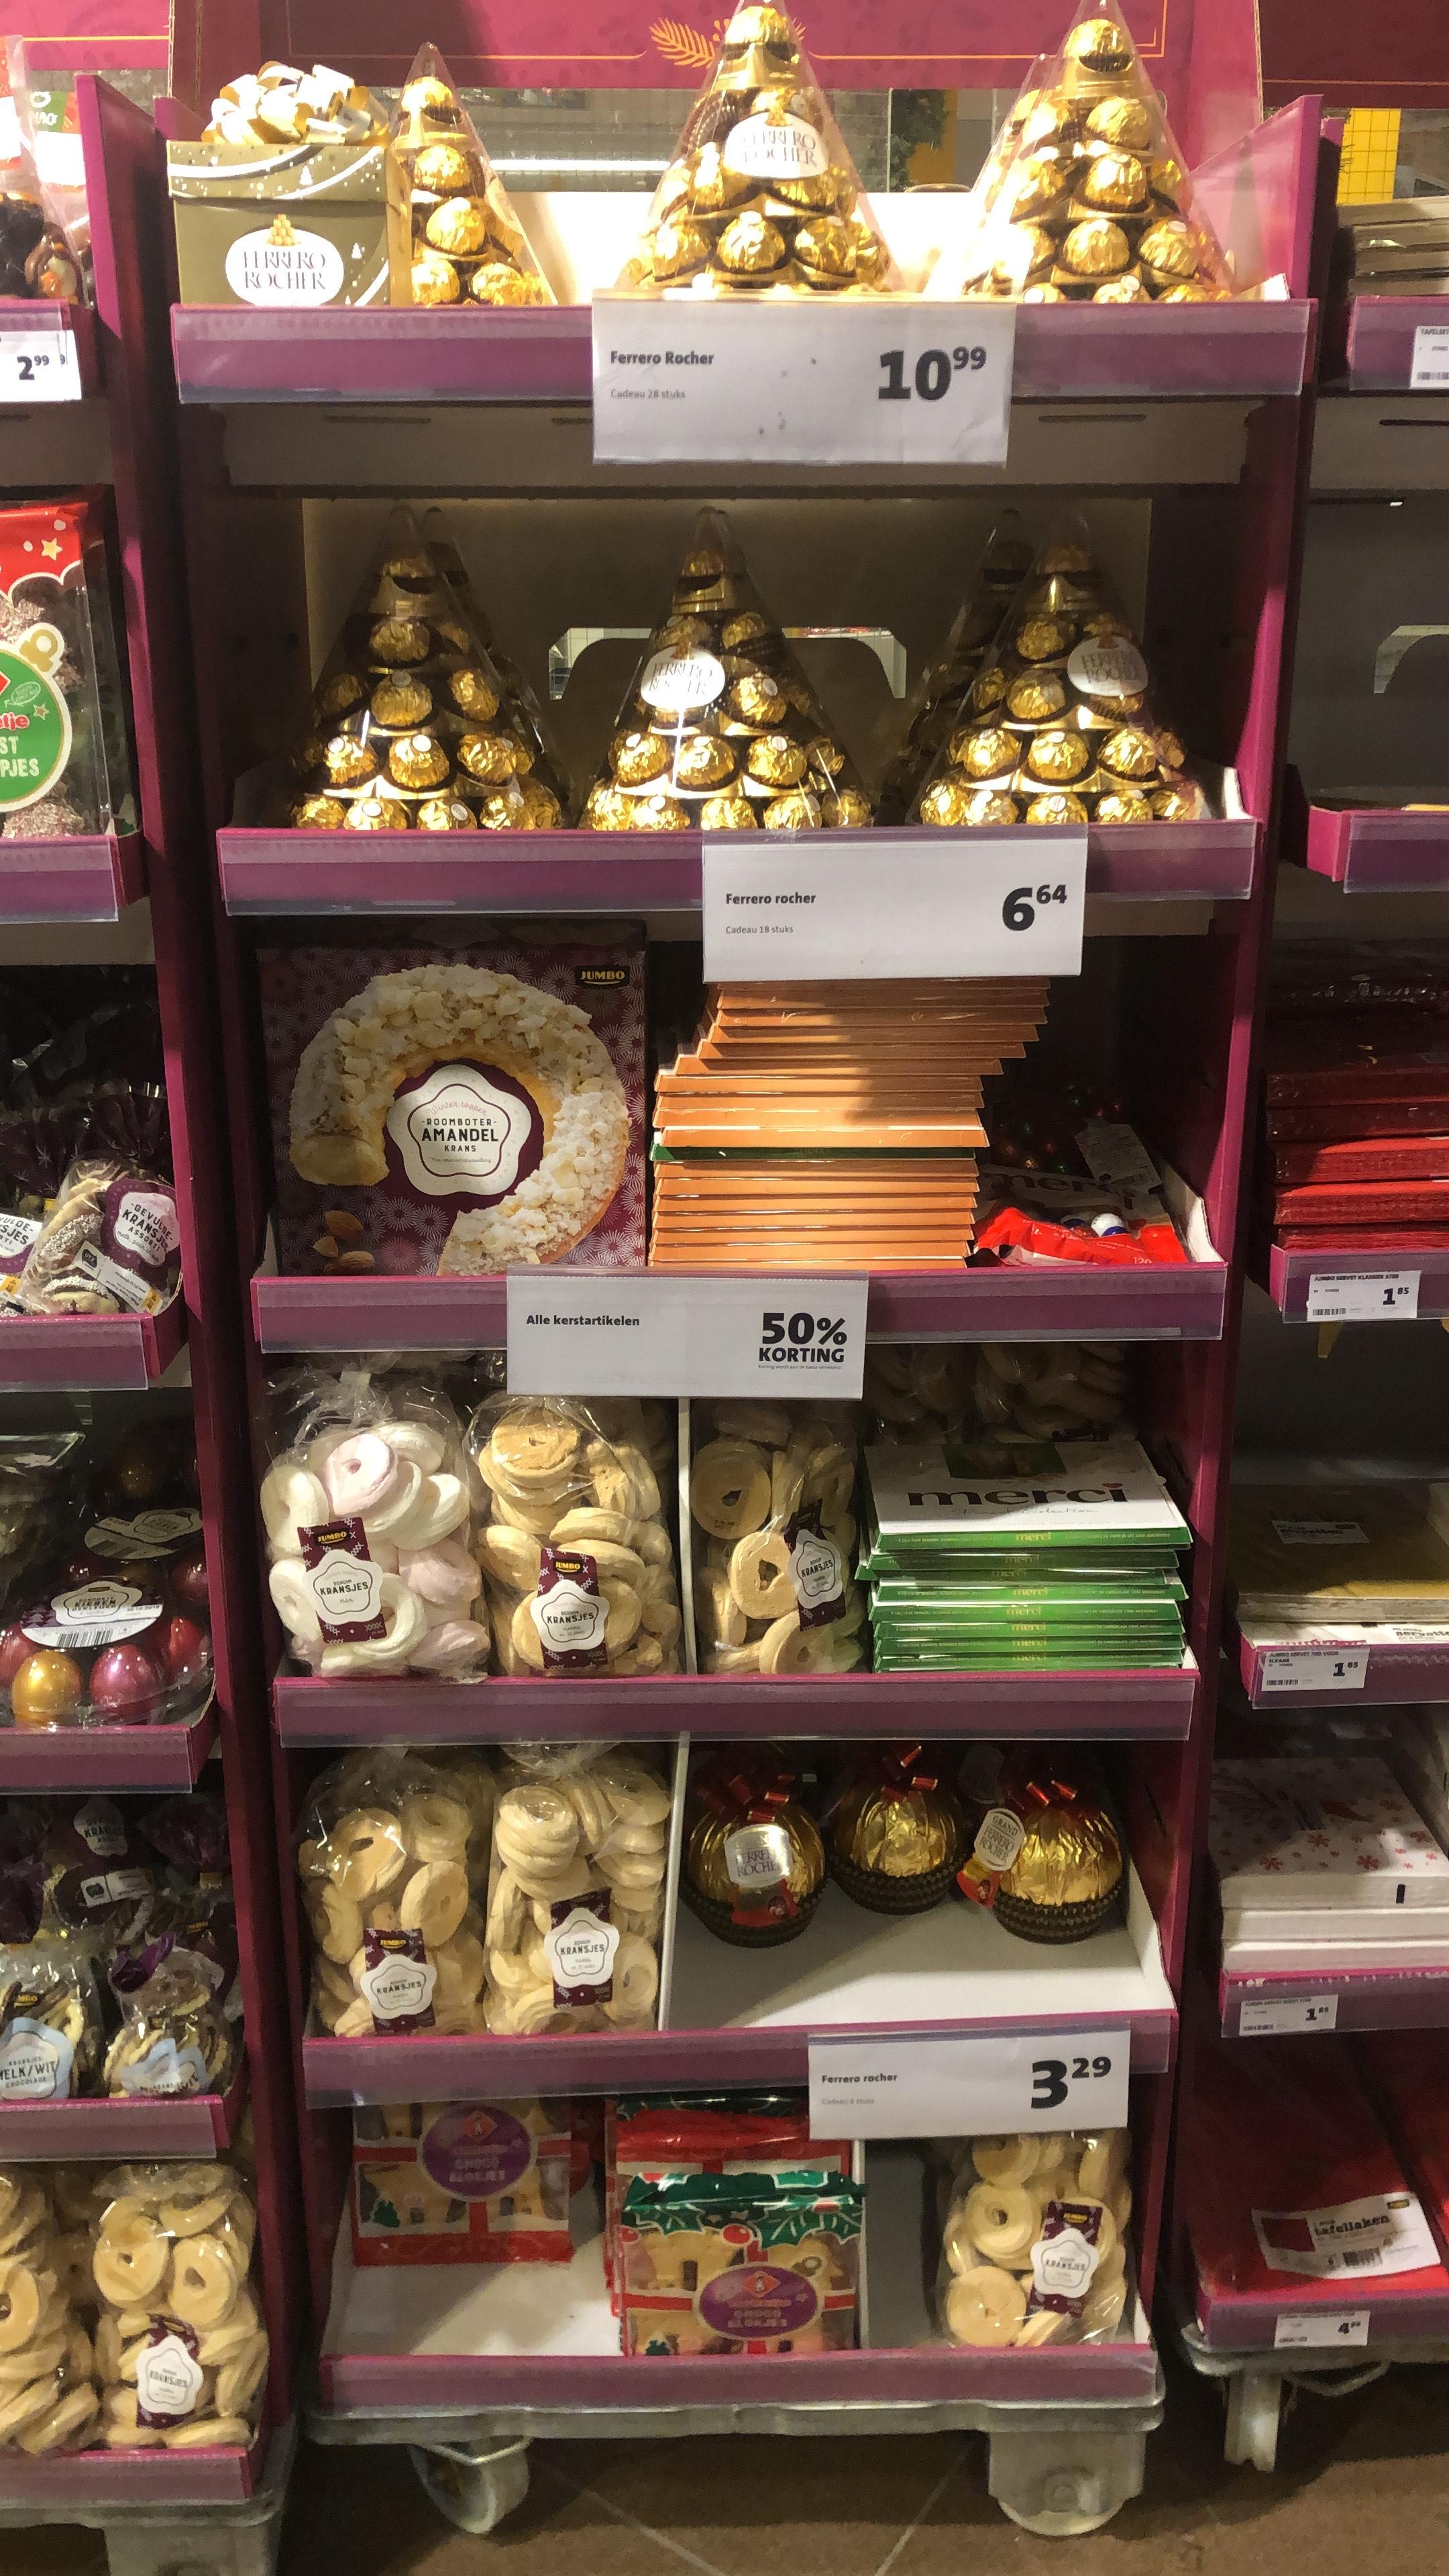 [Lokaal?] Jumbo 50% kassakorting op Merci / Ferrero Rocher kersteditie